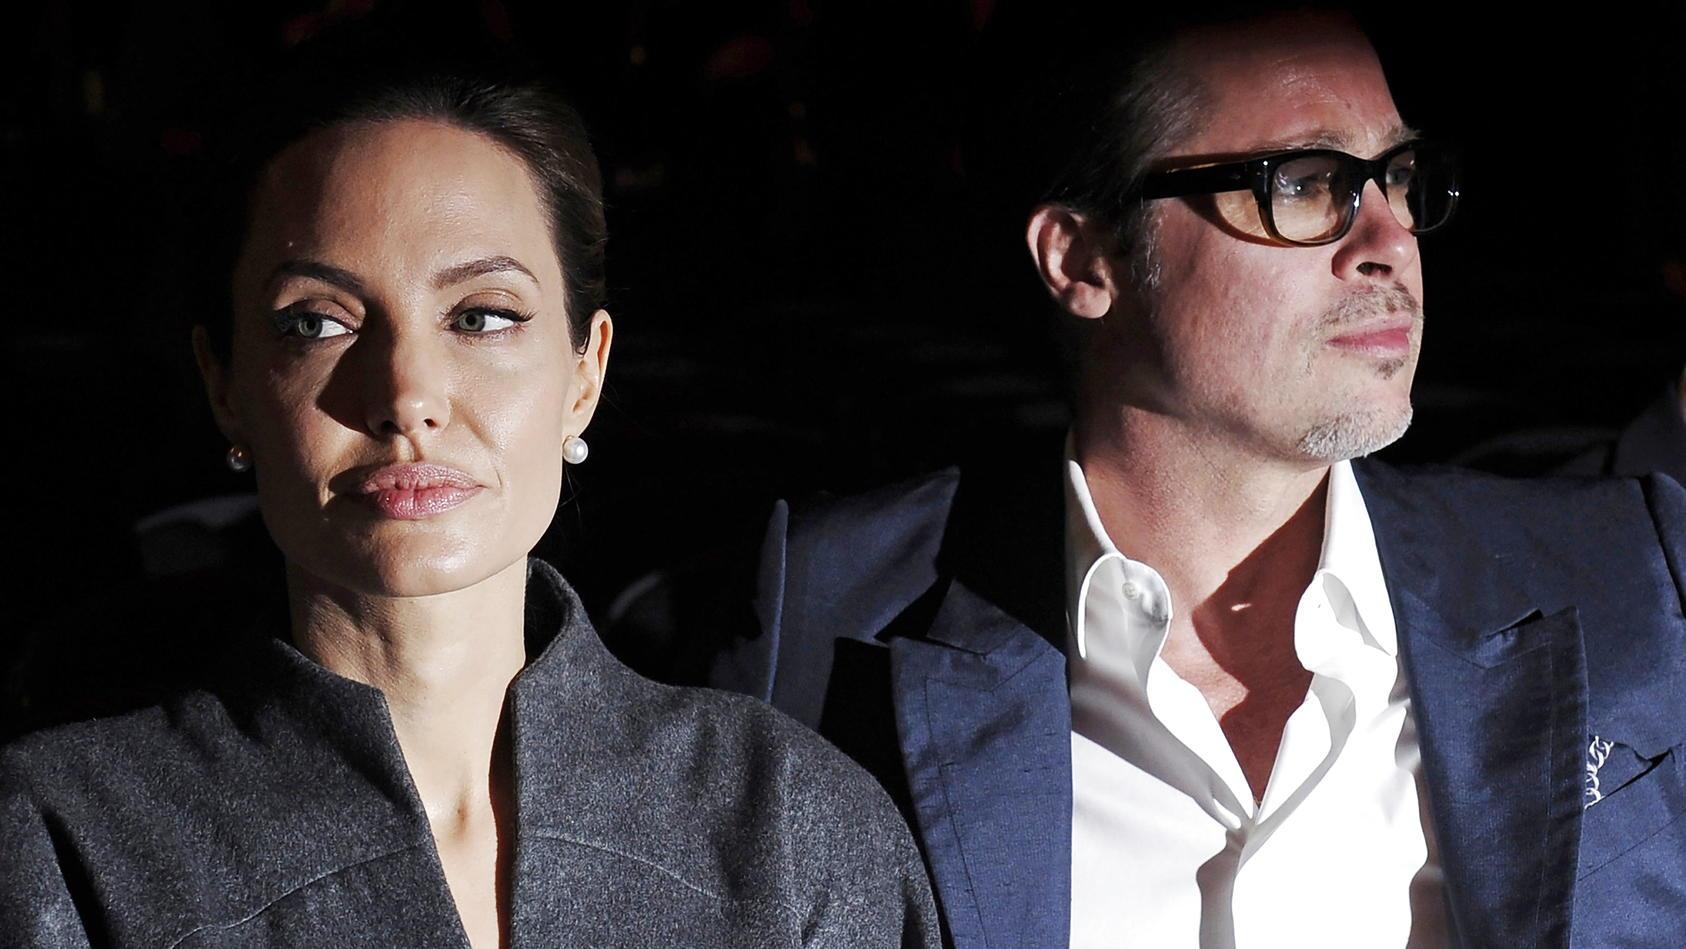 Angelina Jolie und Brad Pitt führen einen erbitterten Streit ums Sorgerecht für ihre gemeinsamen Kinder.